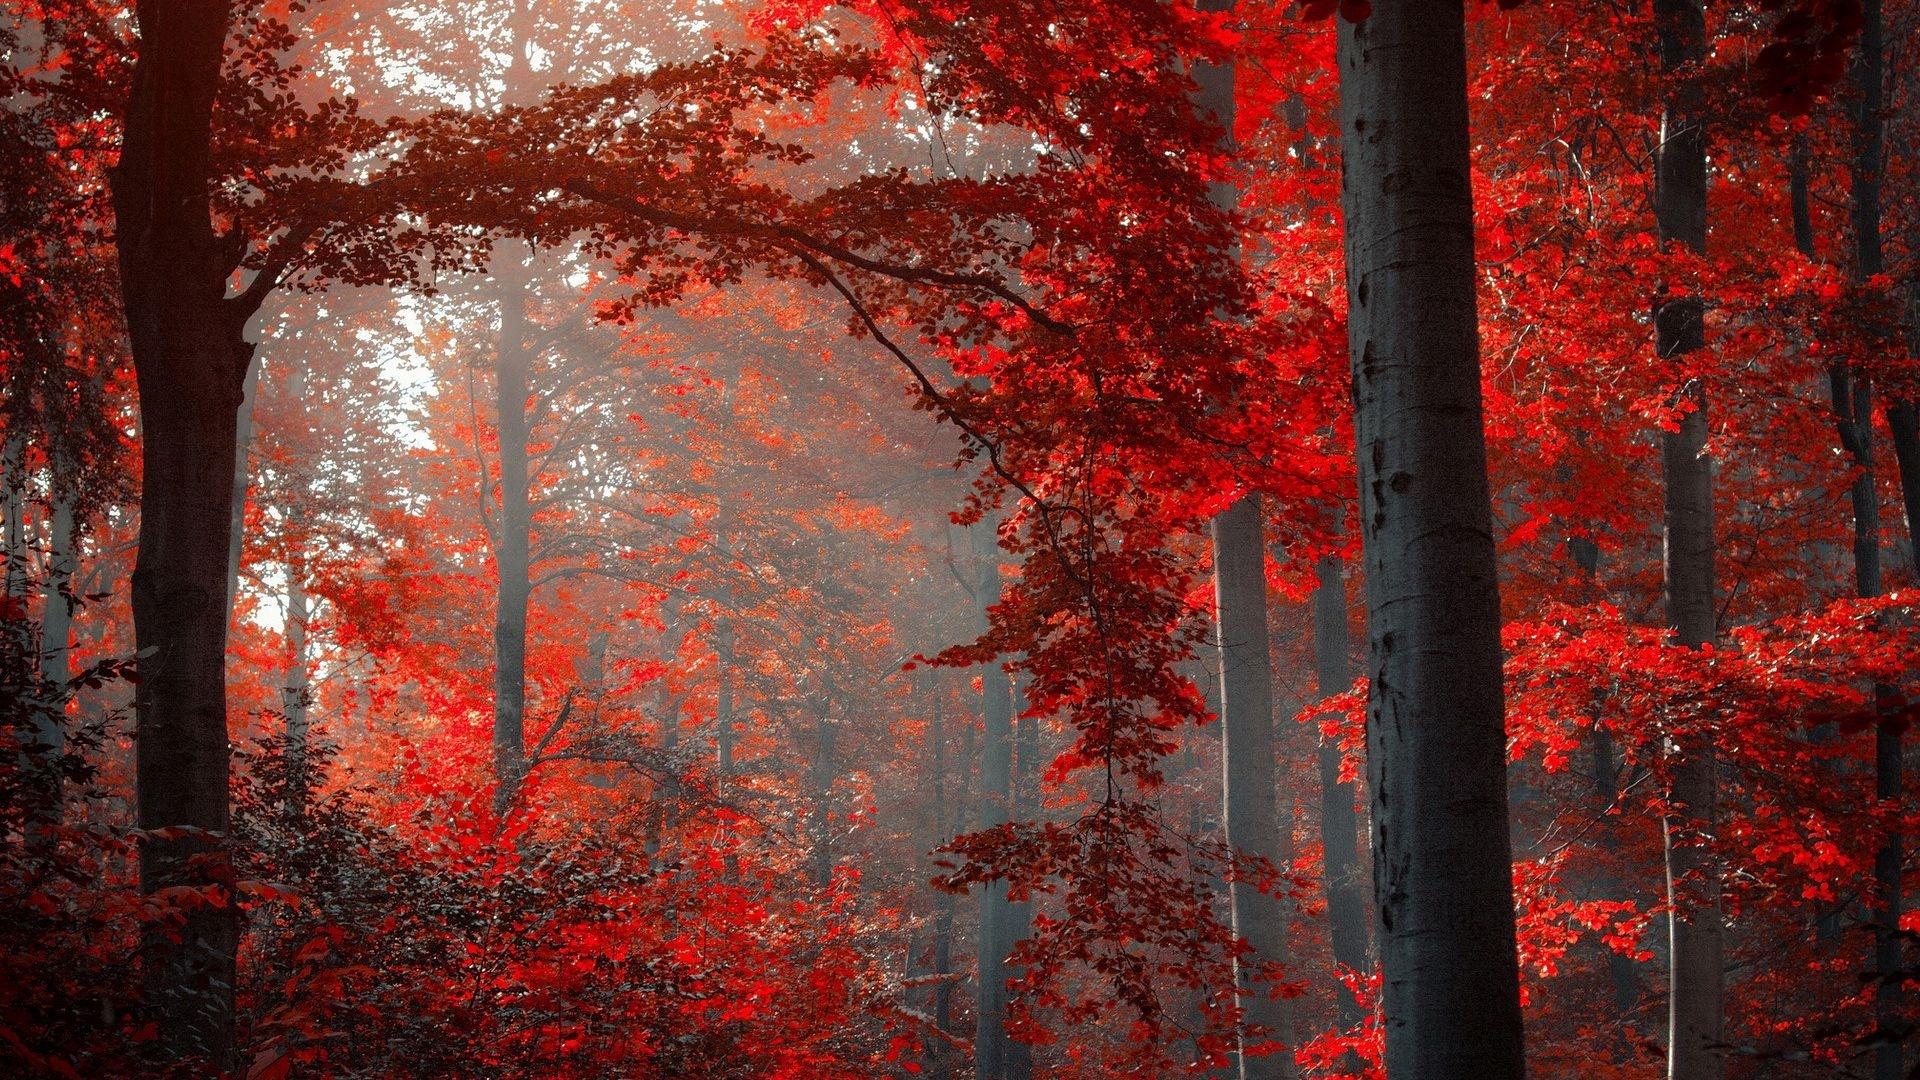 Dark Autumn Picture